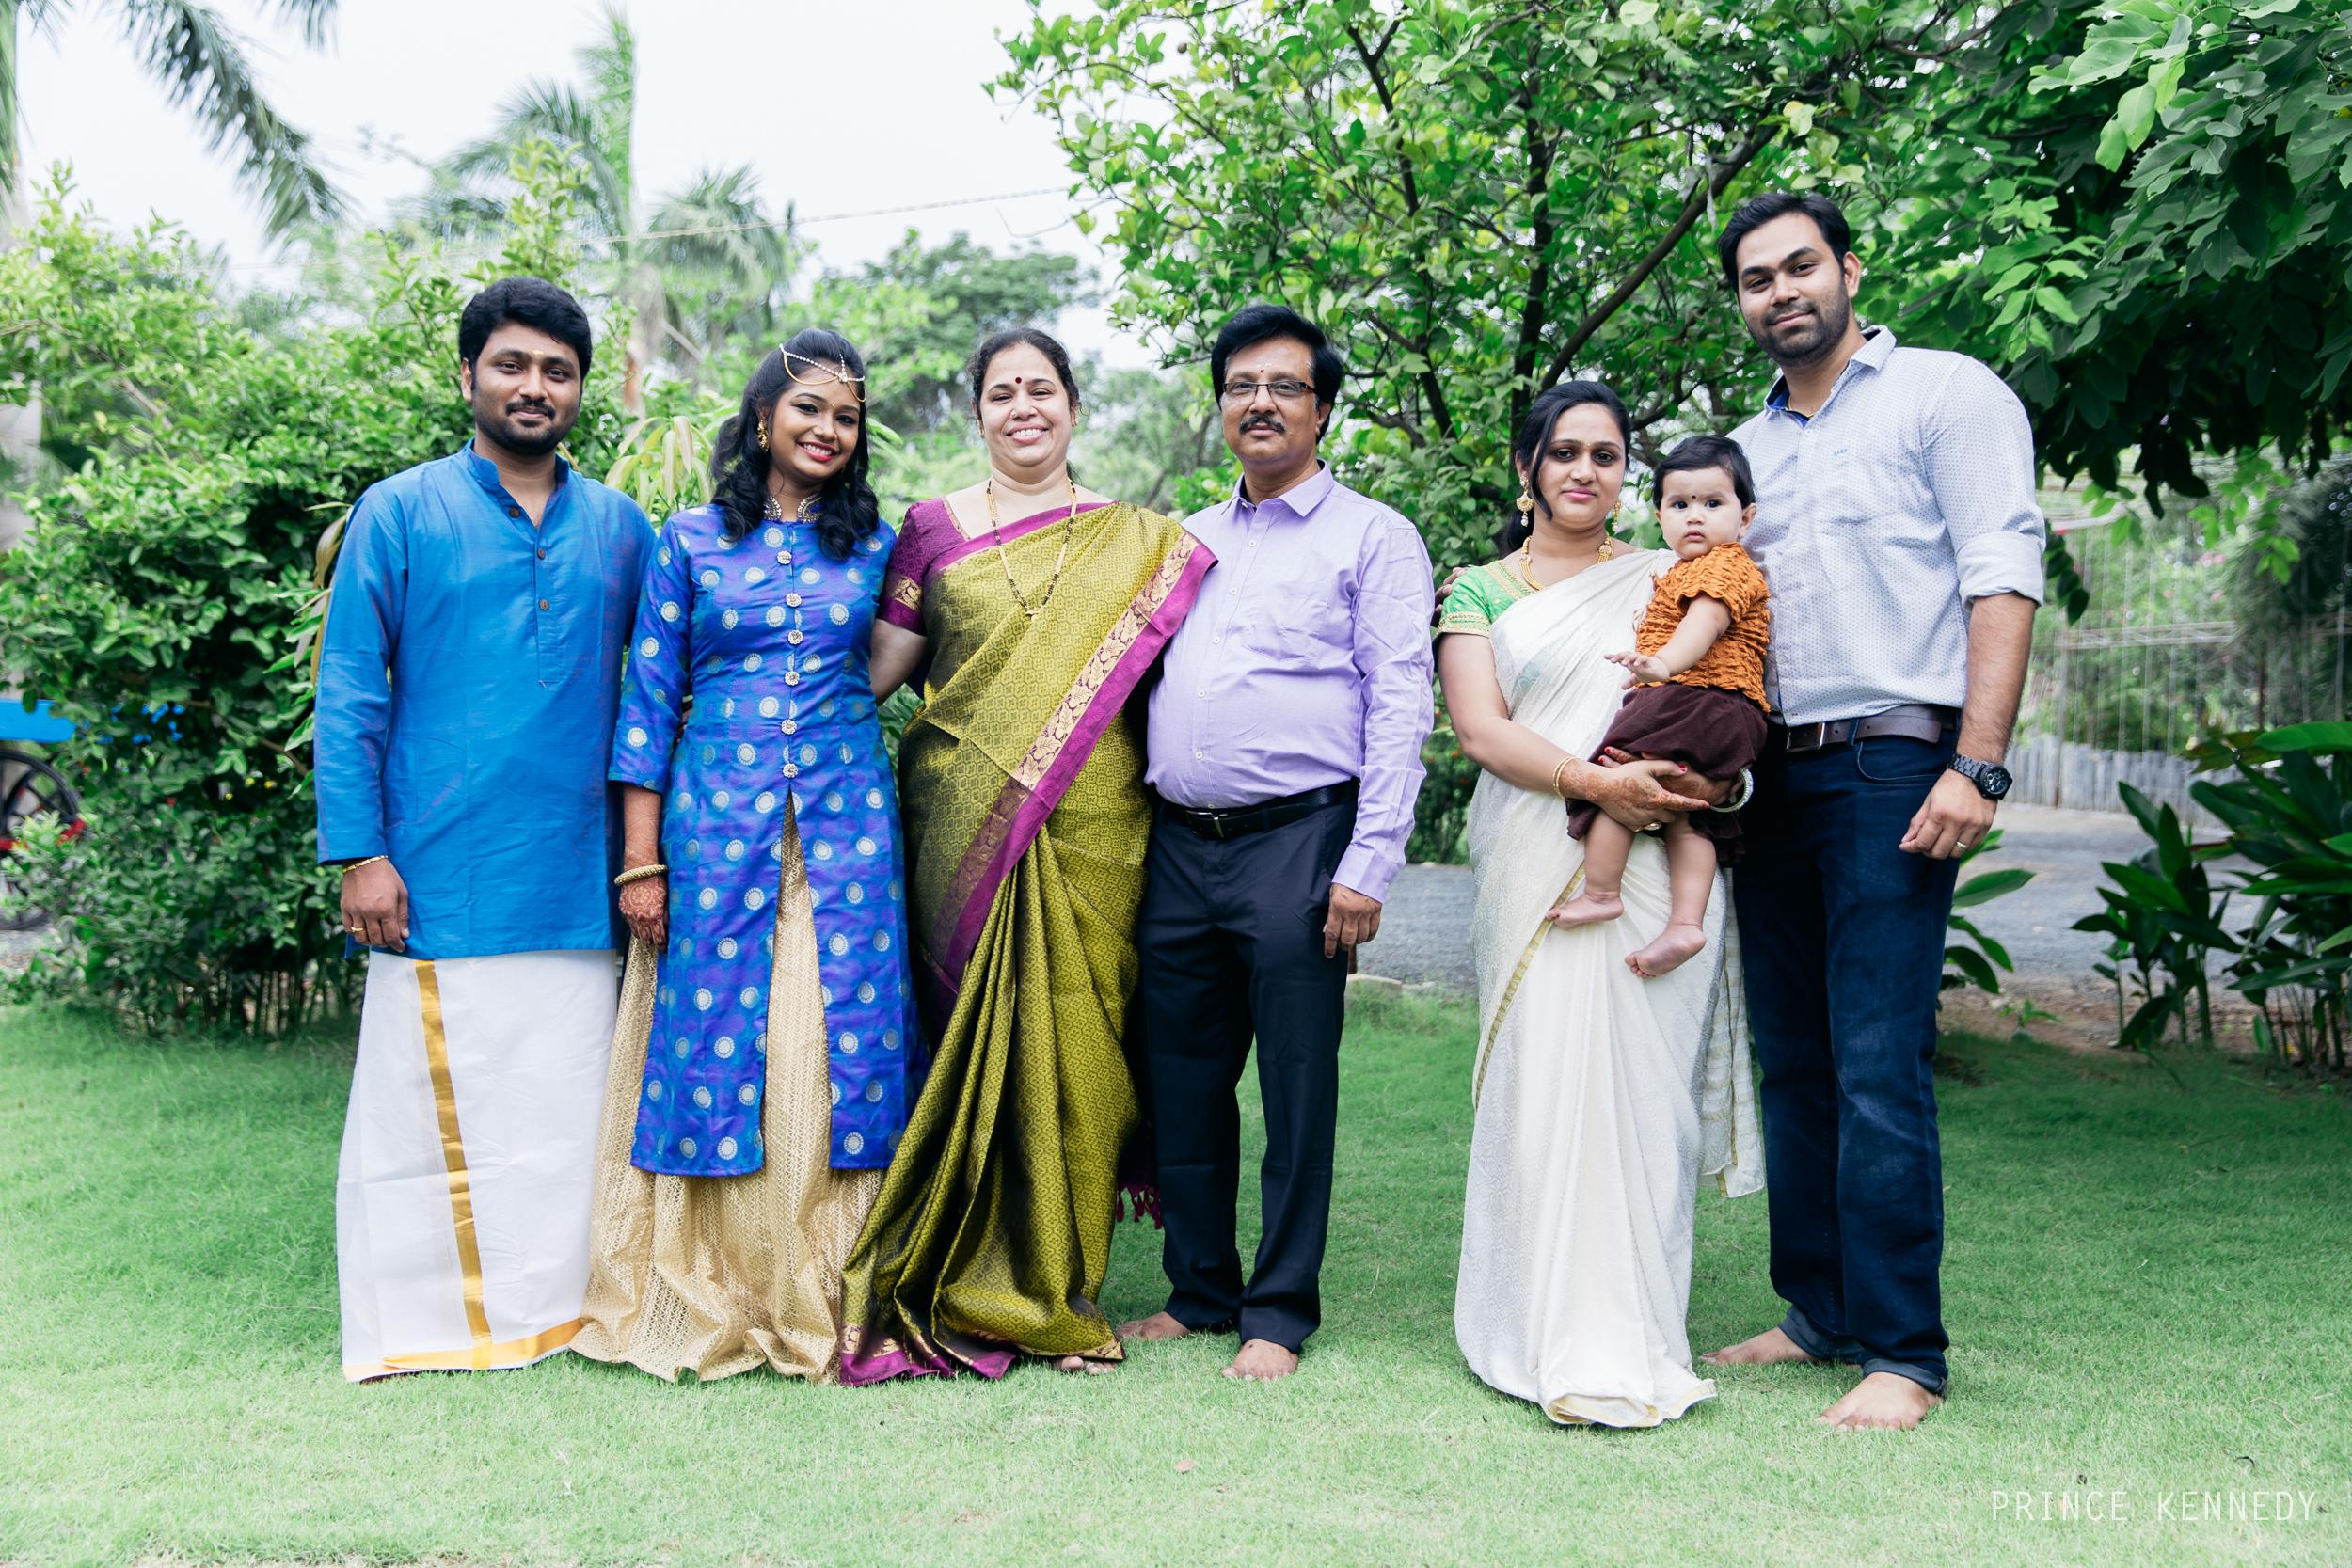 Engagement-Couple-Portrait-Portraiture-Wedding-Couple-Portrait-Chennai-Photographer-Candid-Photography-Destination-Best-Prince-Kennedy-Photography-84.jpg